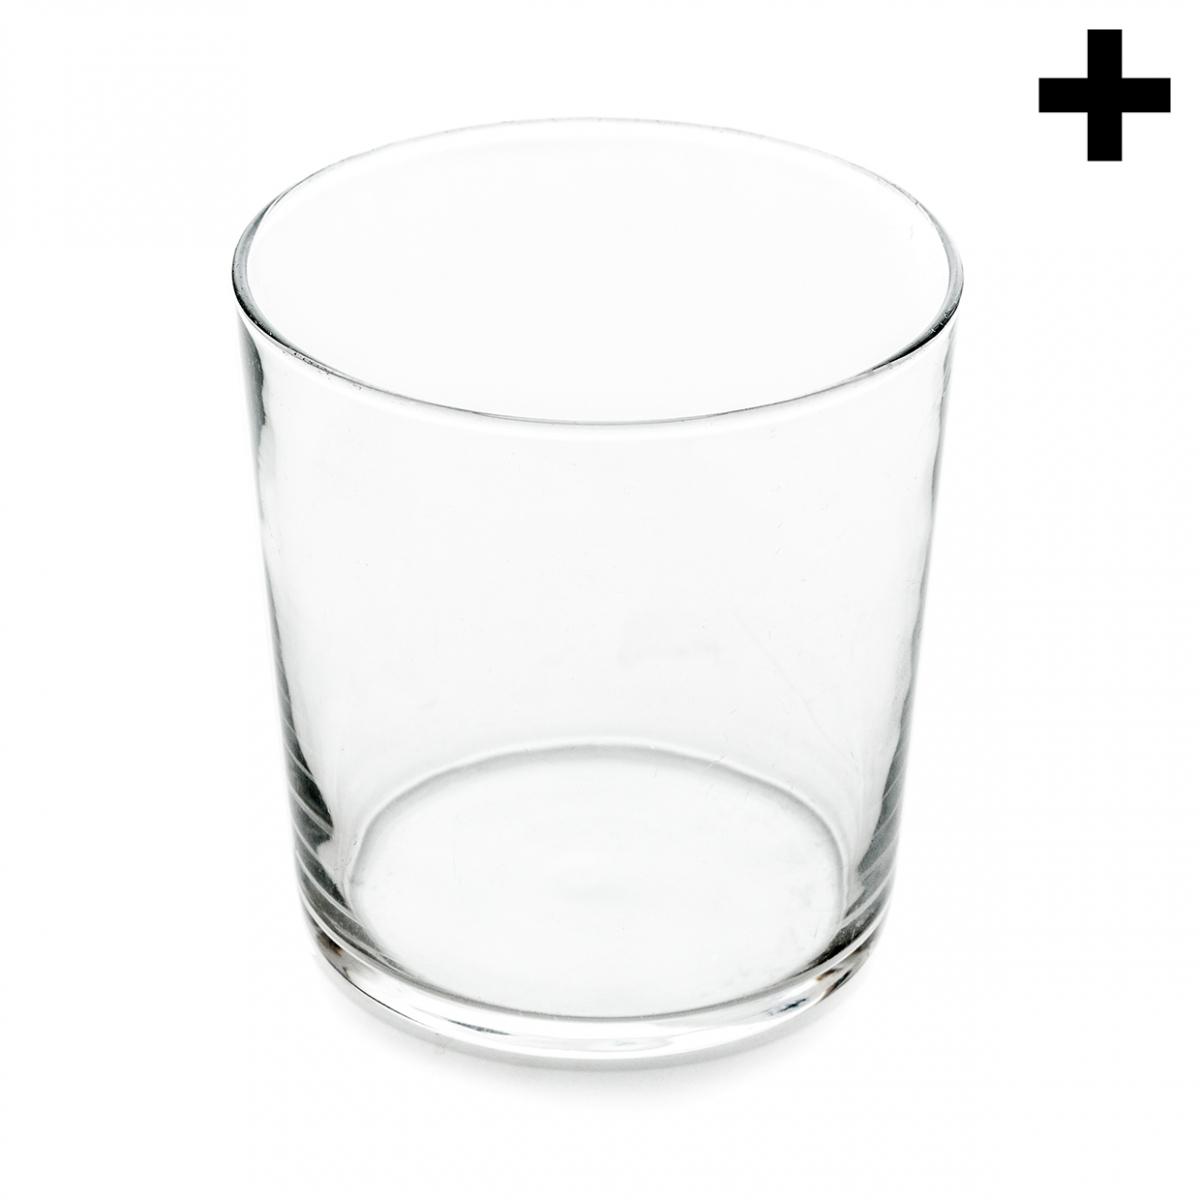 Imagen en la que se ve un vaso de cristal vacío